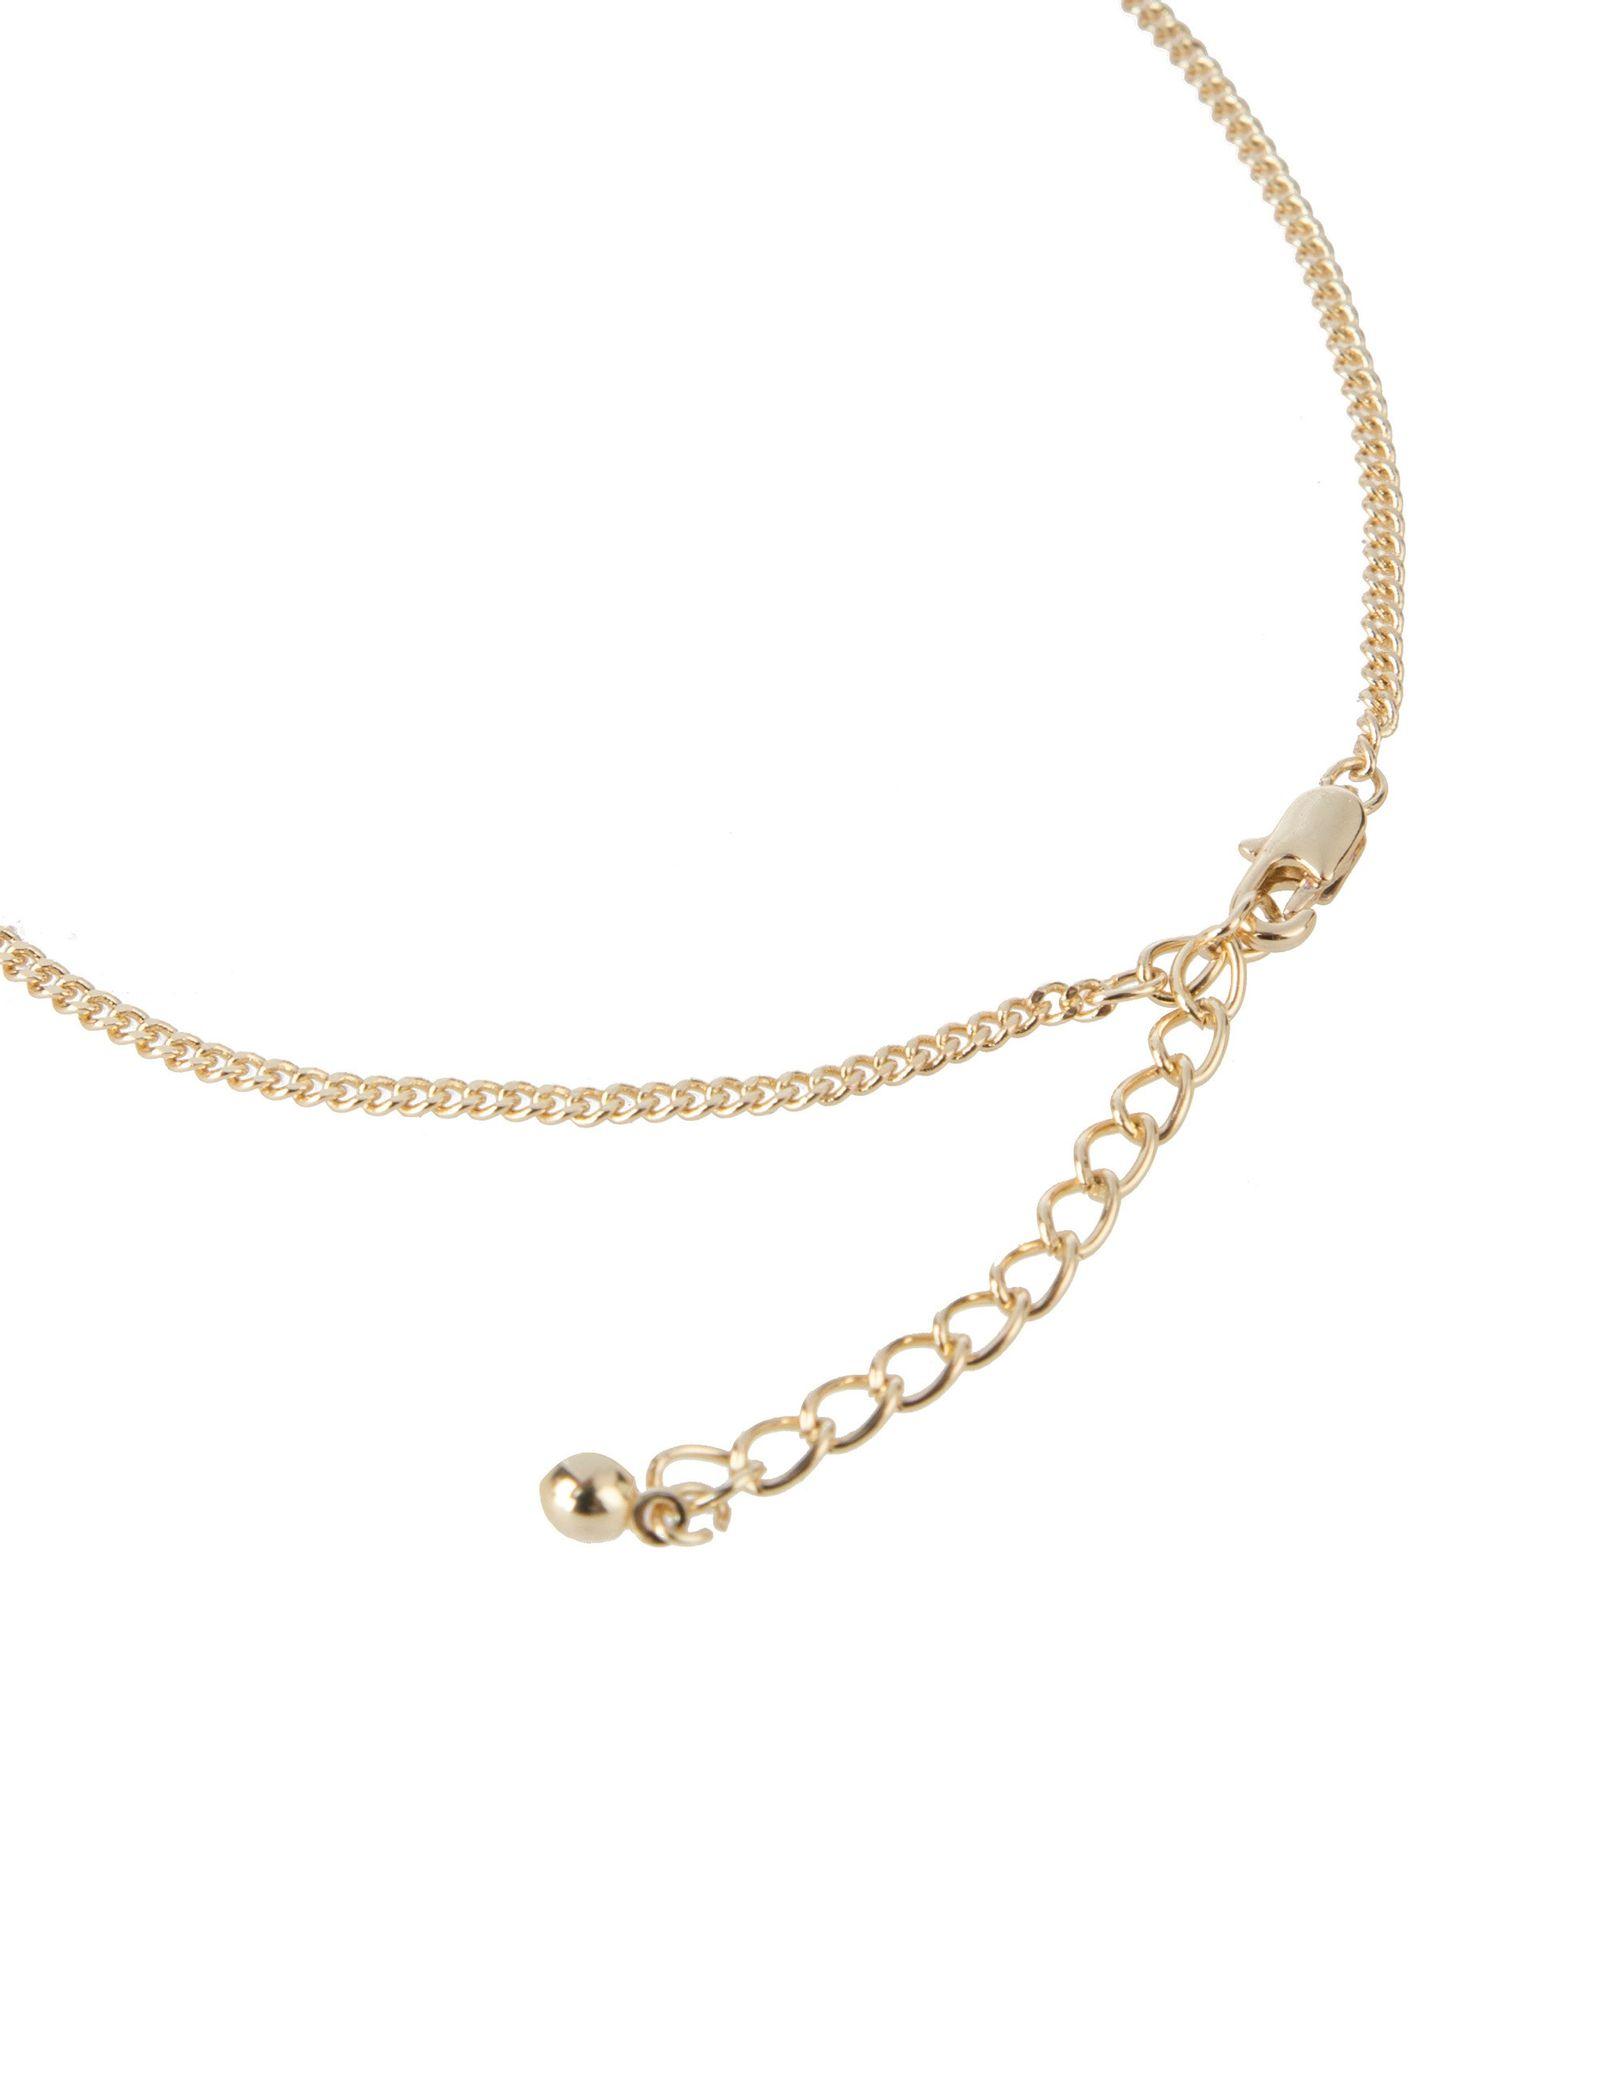 گردبند زنجیری زنانه - پی سز - طلايي - 3